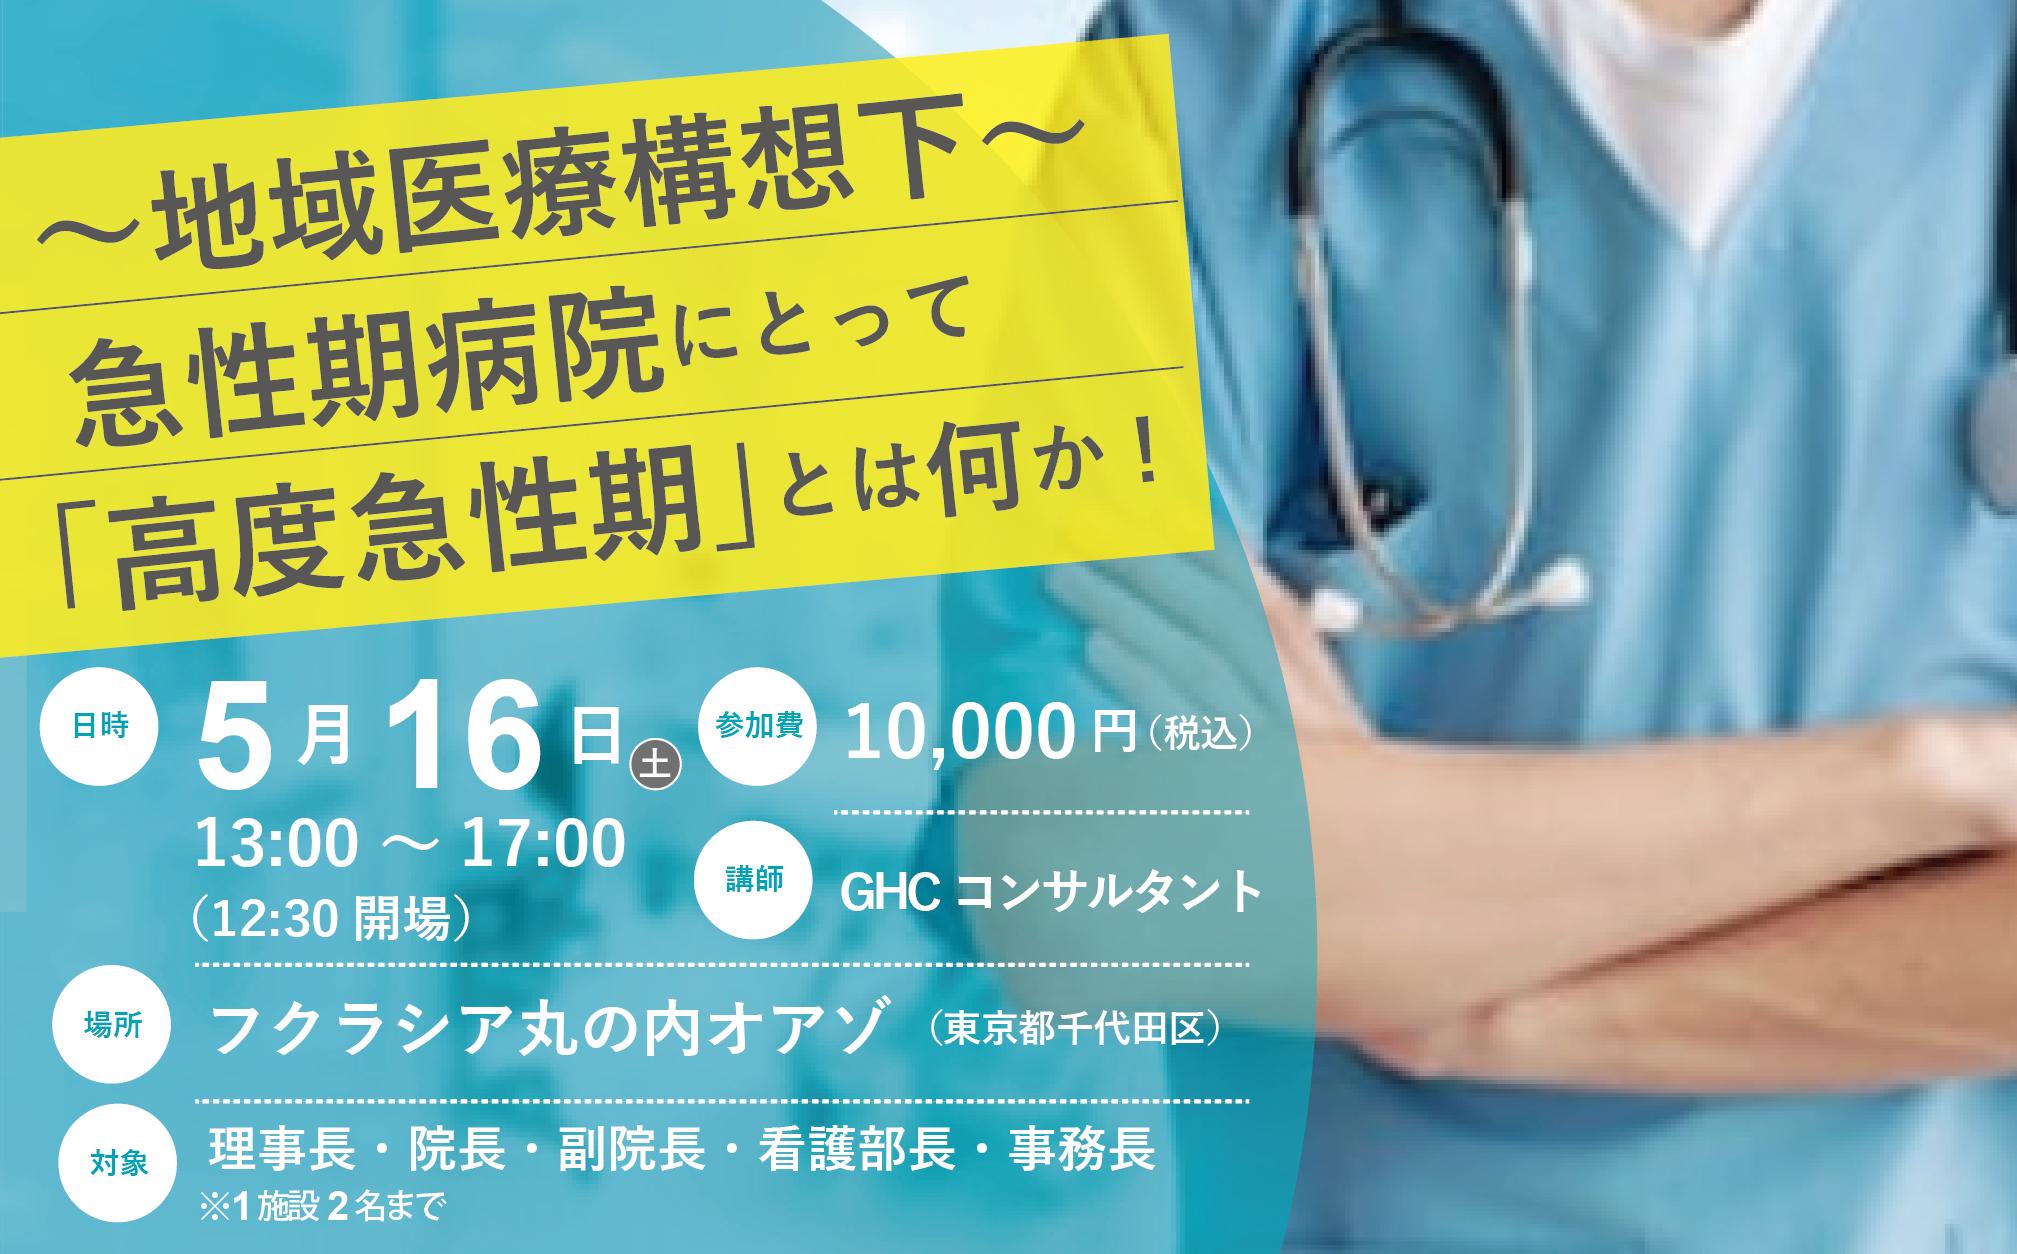 ~地域医療構想下~ 急性期病院にとって「高度急性期」とは何か!